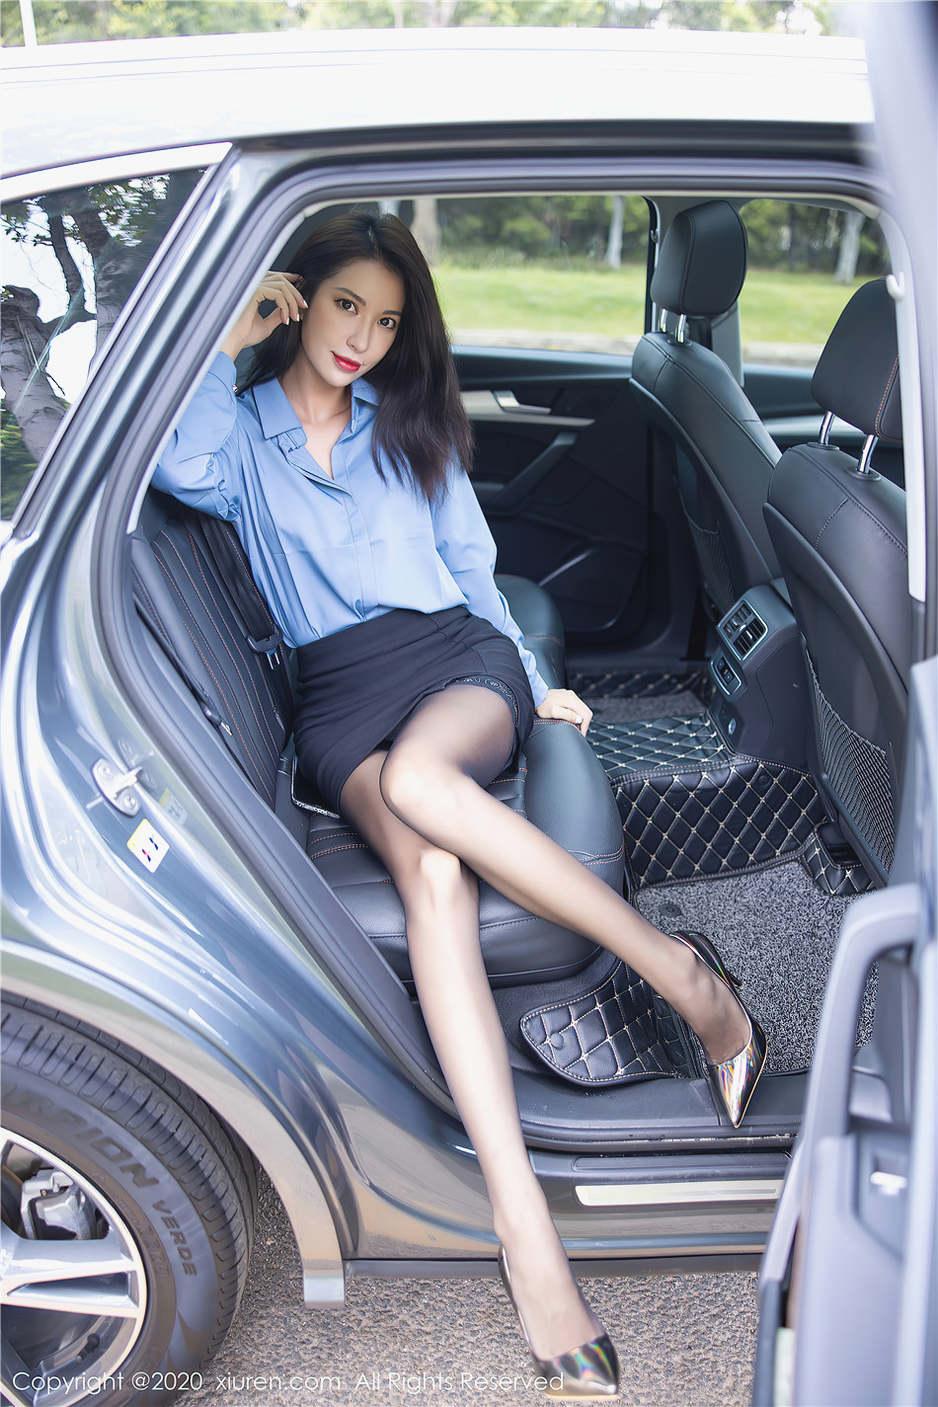 性感车模carry制服丝袜酥胸美腿诱惑写真 秀人网第2274期第1张